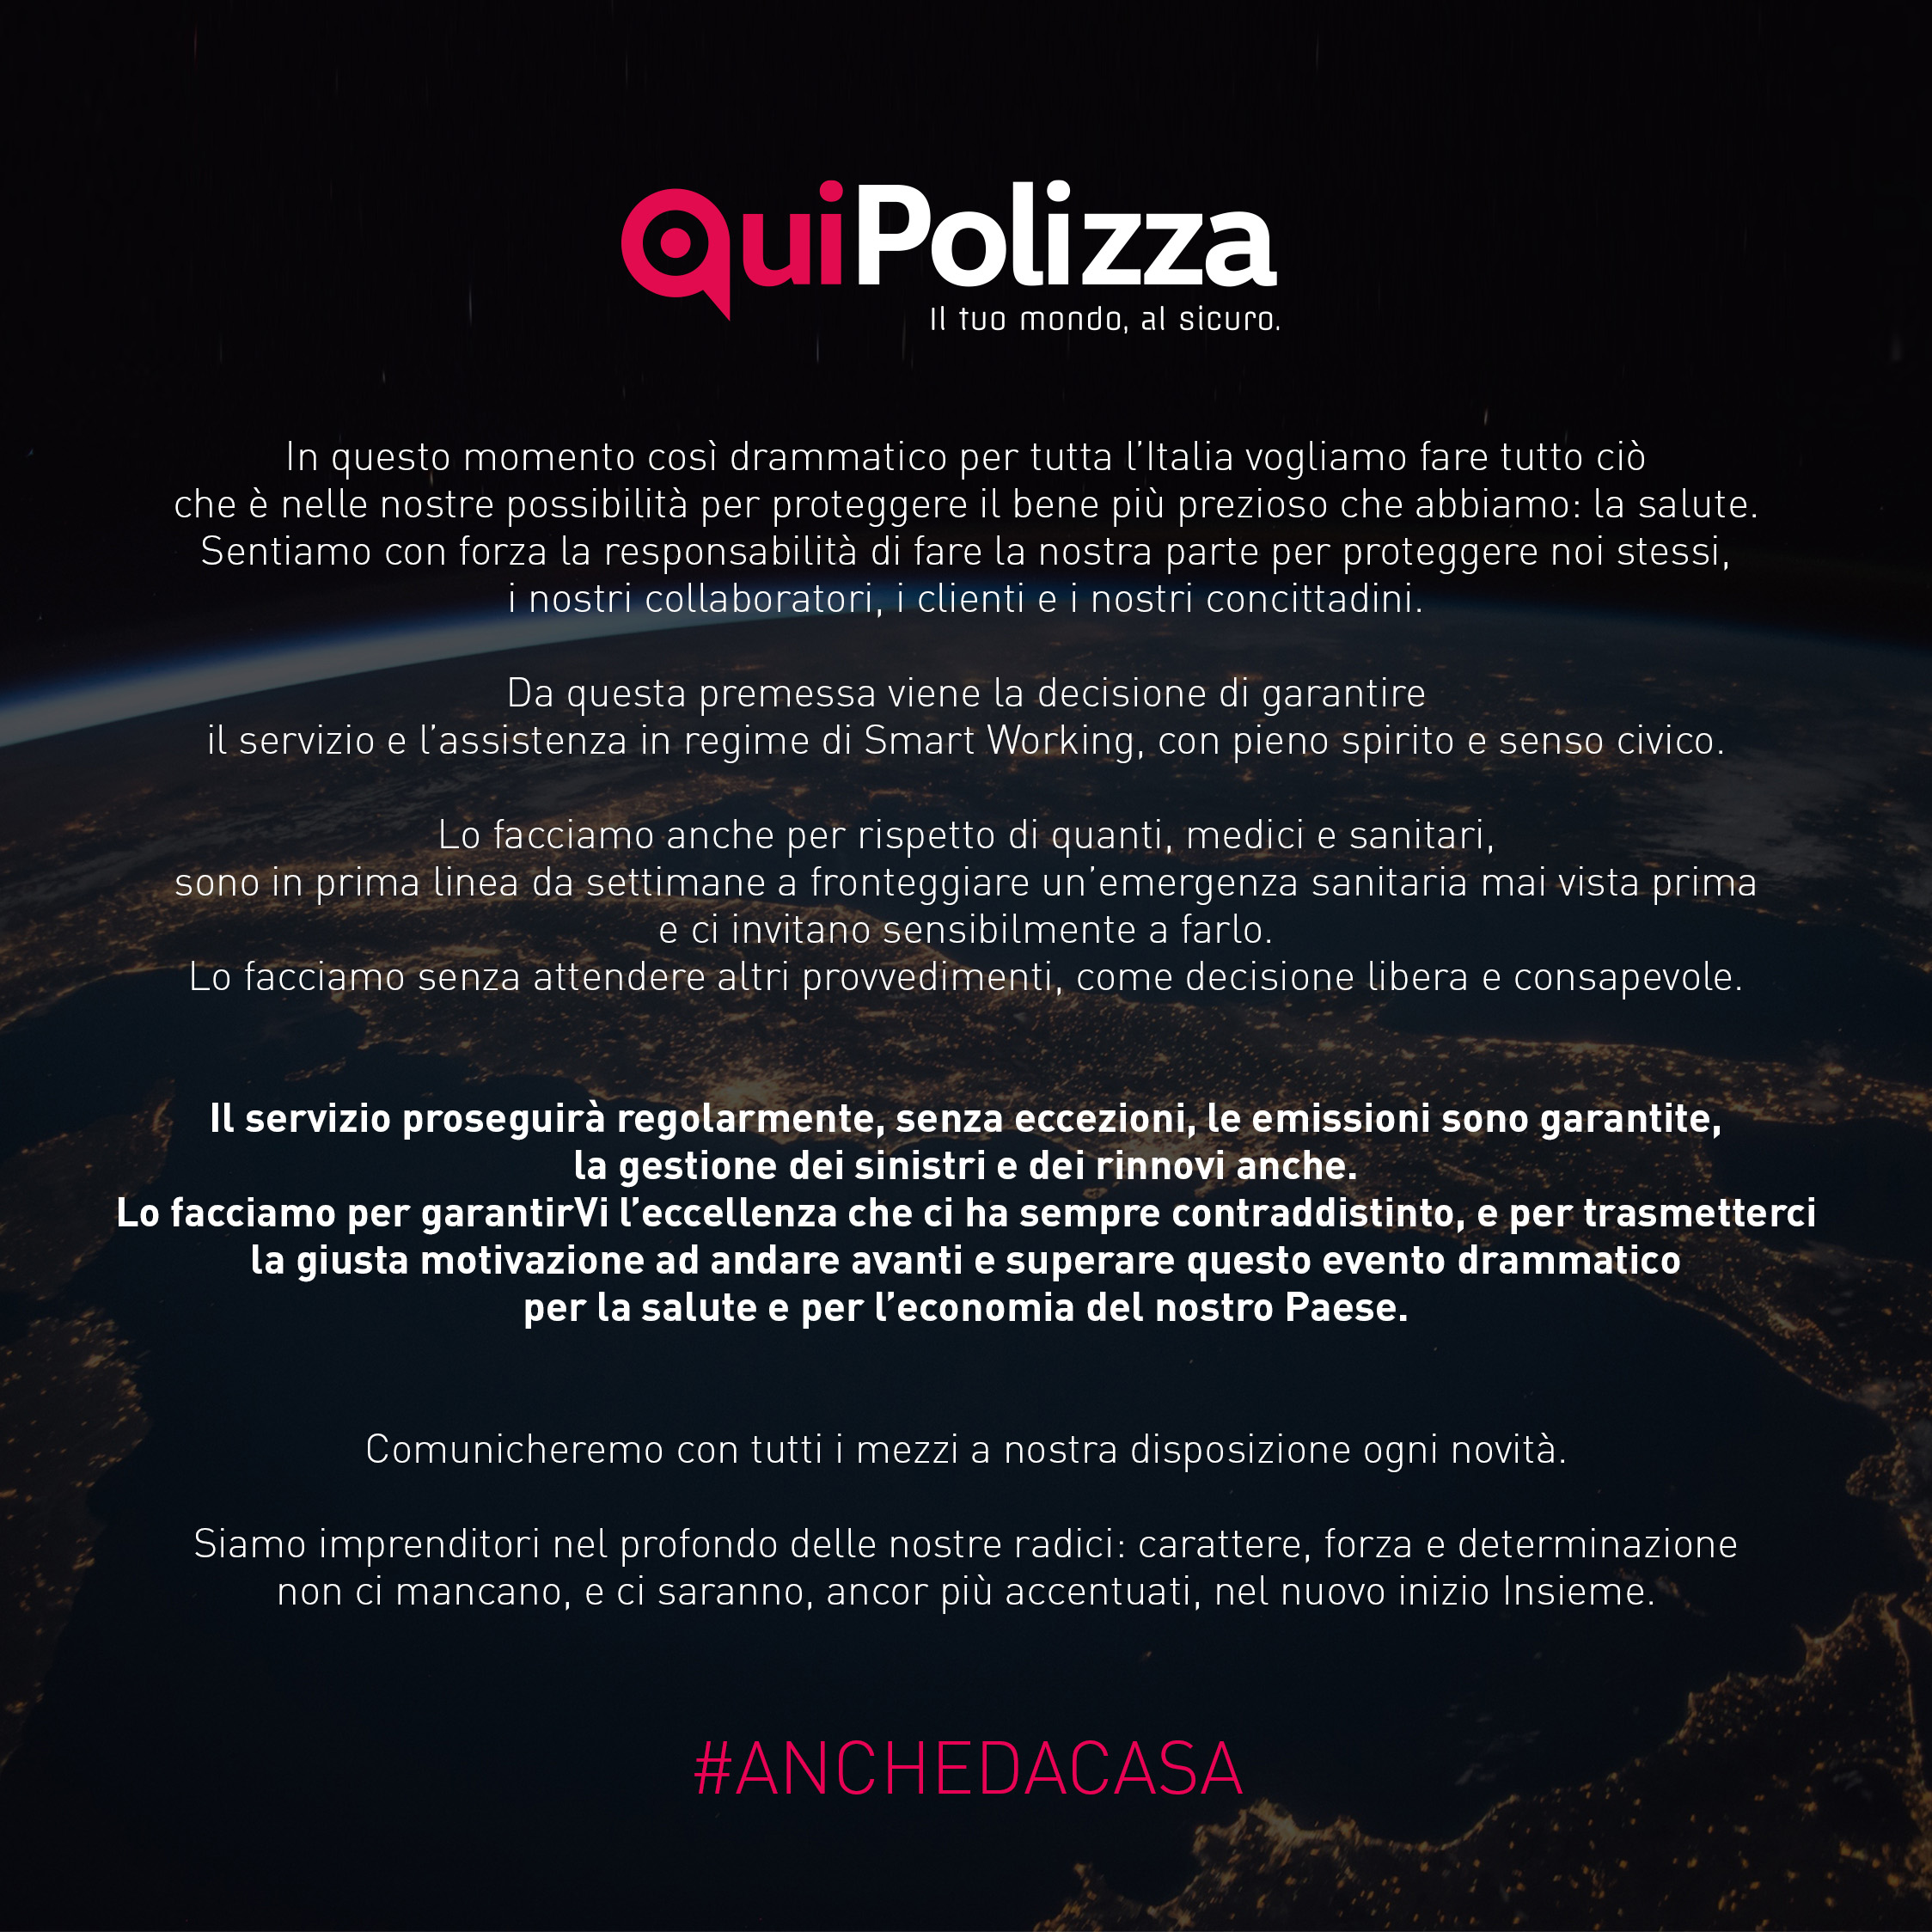 quipolizza-comunicato-1